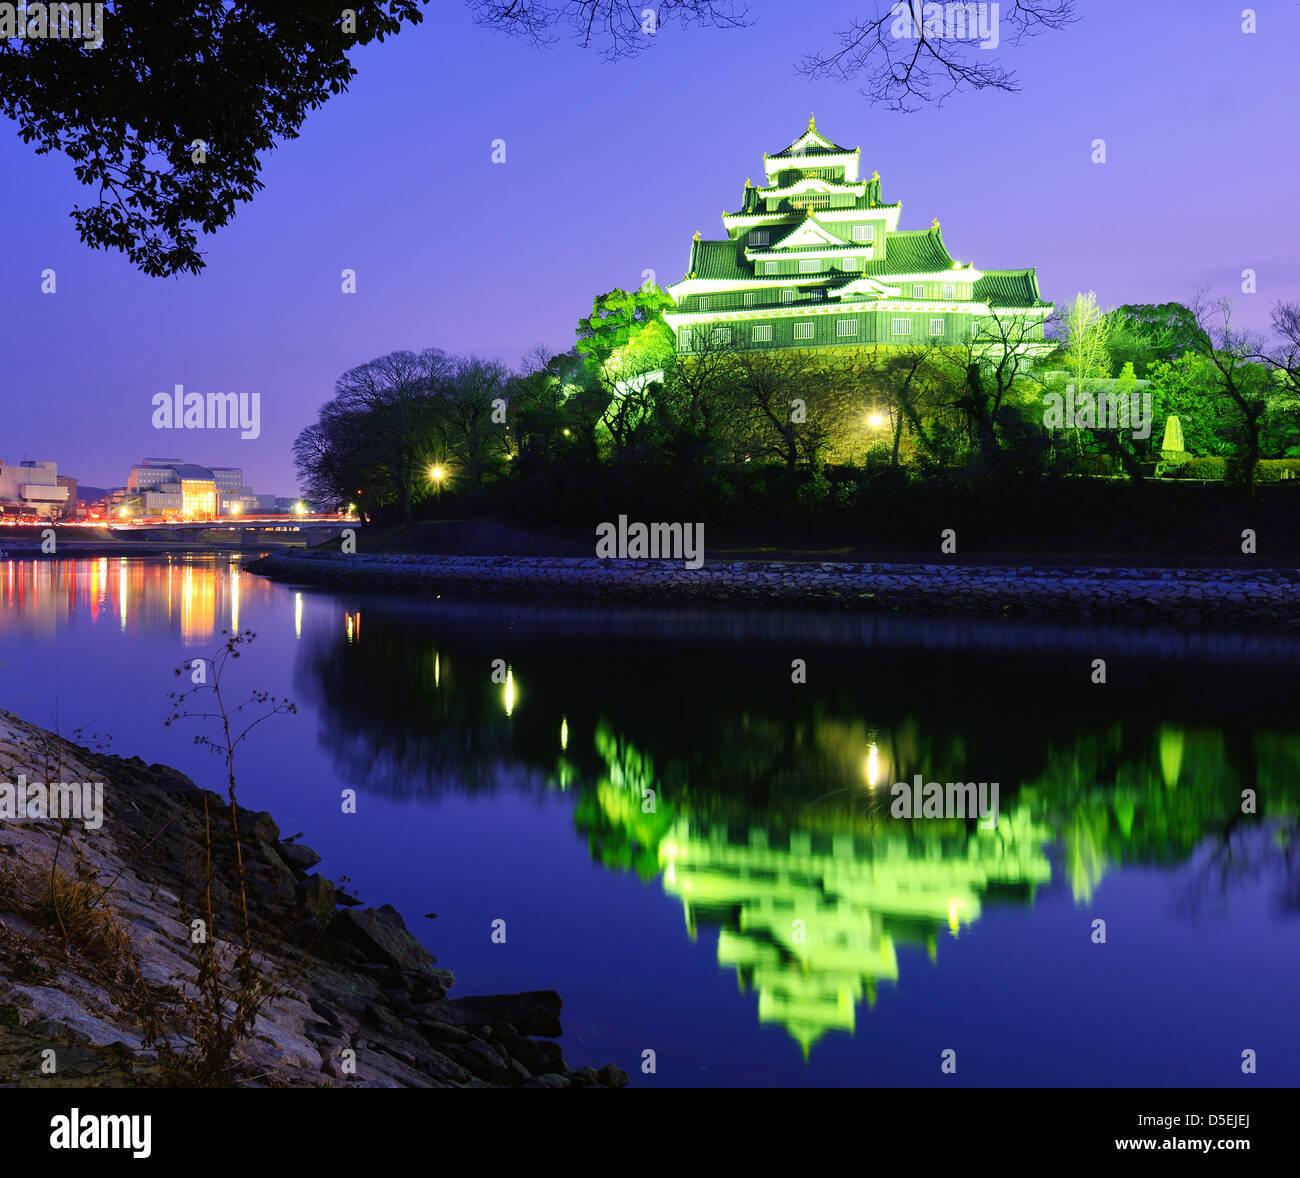 Castello di Okayama di Okayama Giappone. Immagini Stock